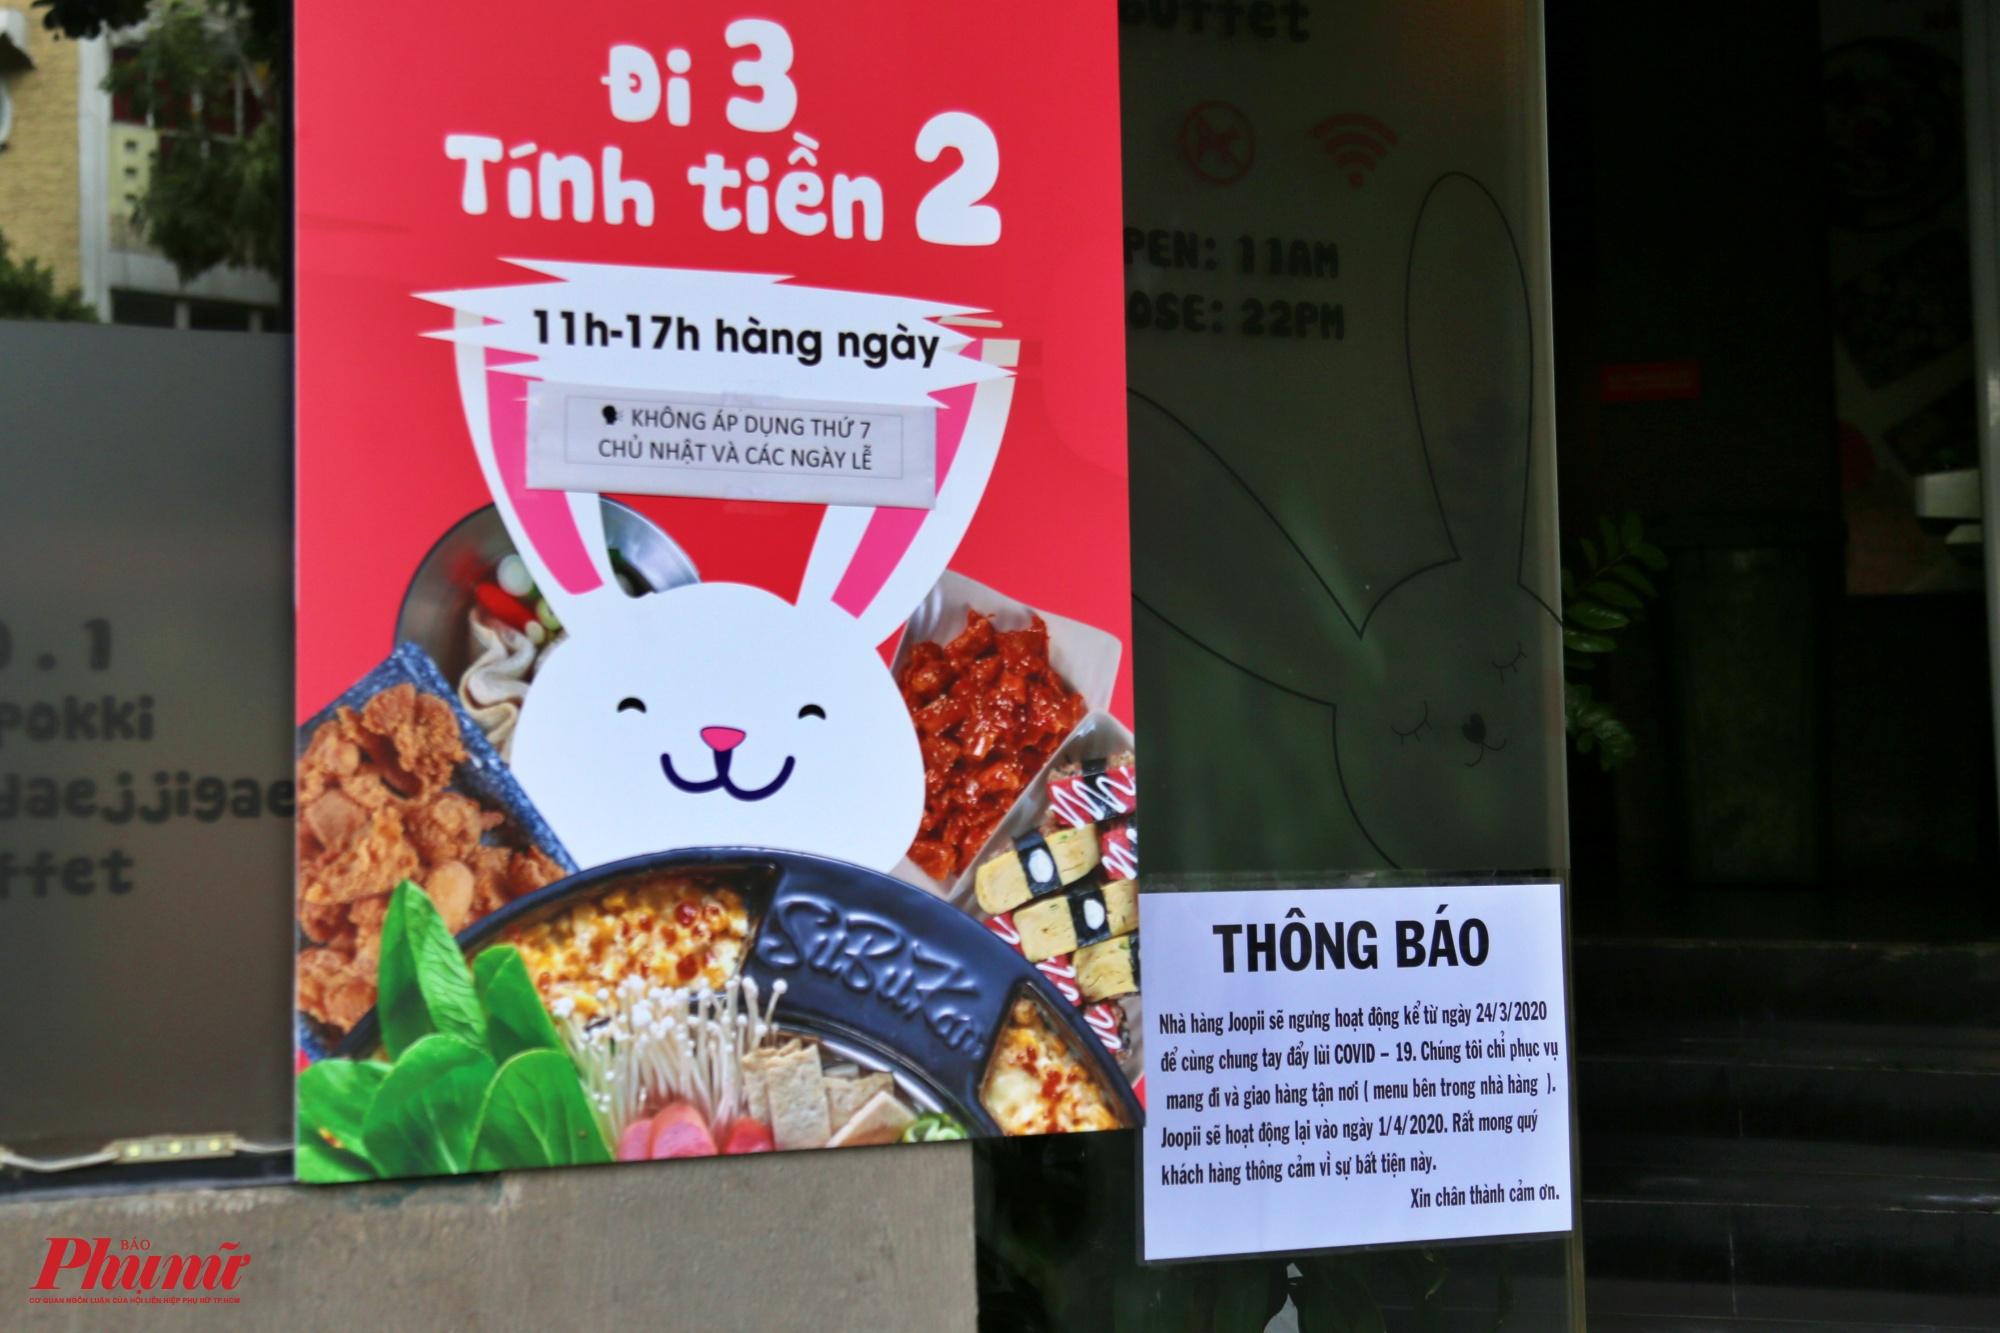 Một nhà hàng Nhật Bản cũng treo biển thông báo phía trước cửa ra vào, thông báo không nhận khách mà vẫn nhận giao hàng take away